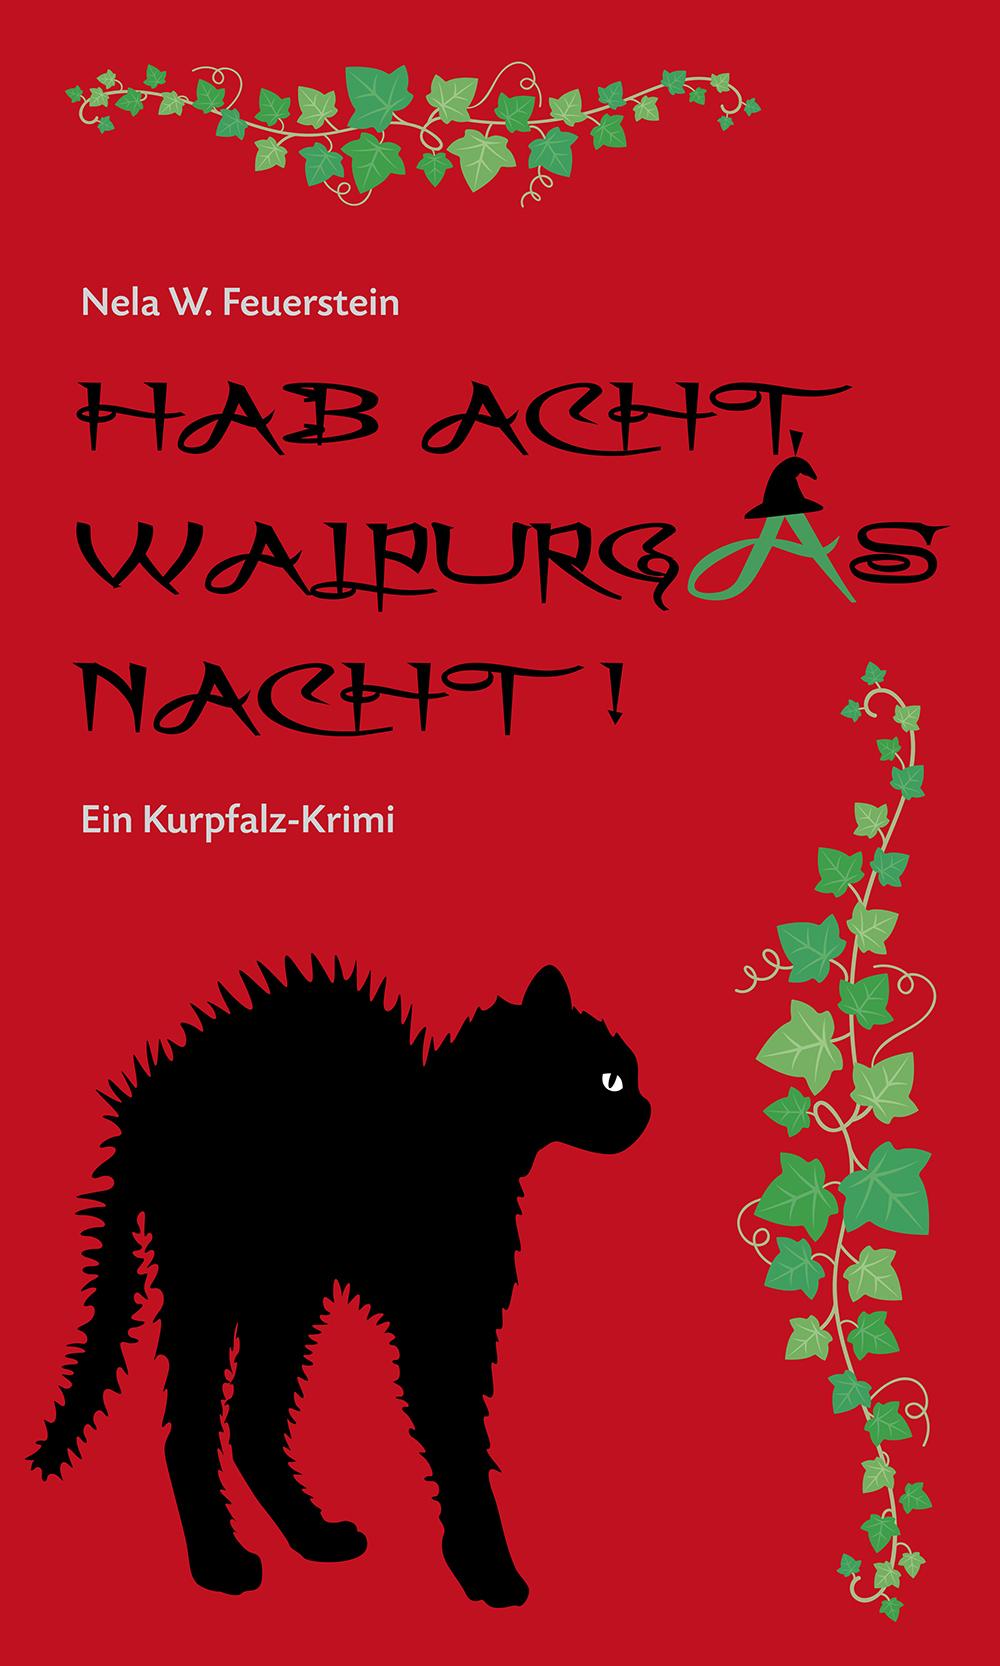 Buch drucken lassen Speyer